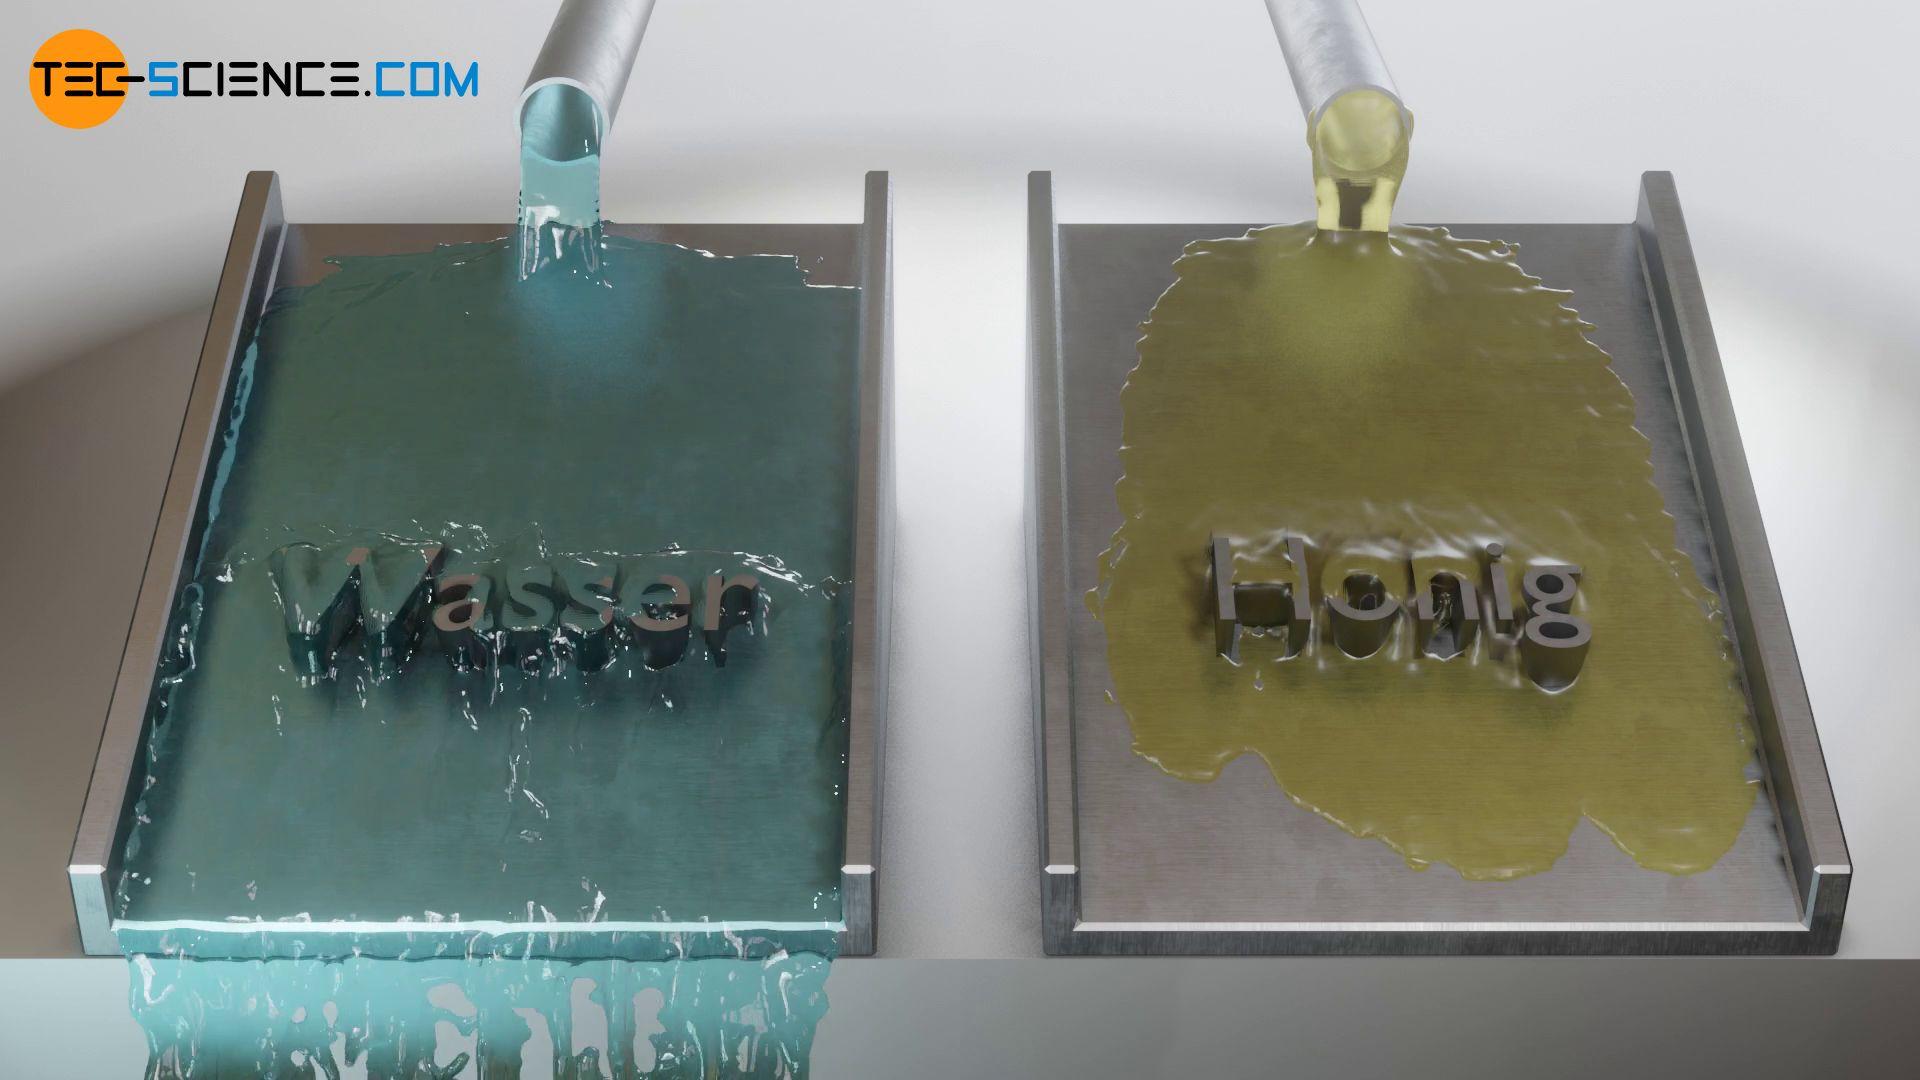 Fließverhalten von einem niedrigviskosen Fluid (z.B. Wasser) und einem hochviskosen Fluid (z.B. Honig)